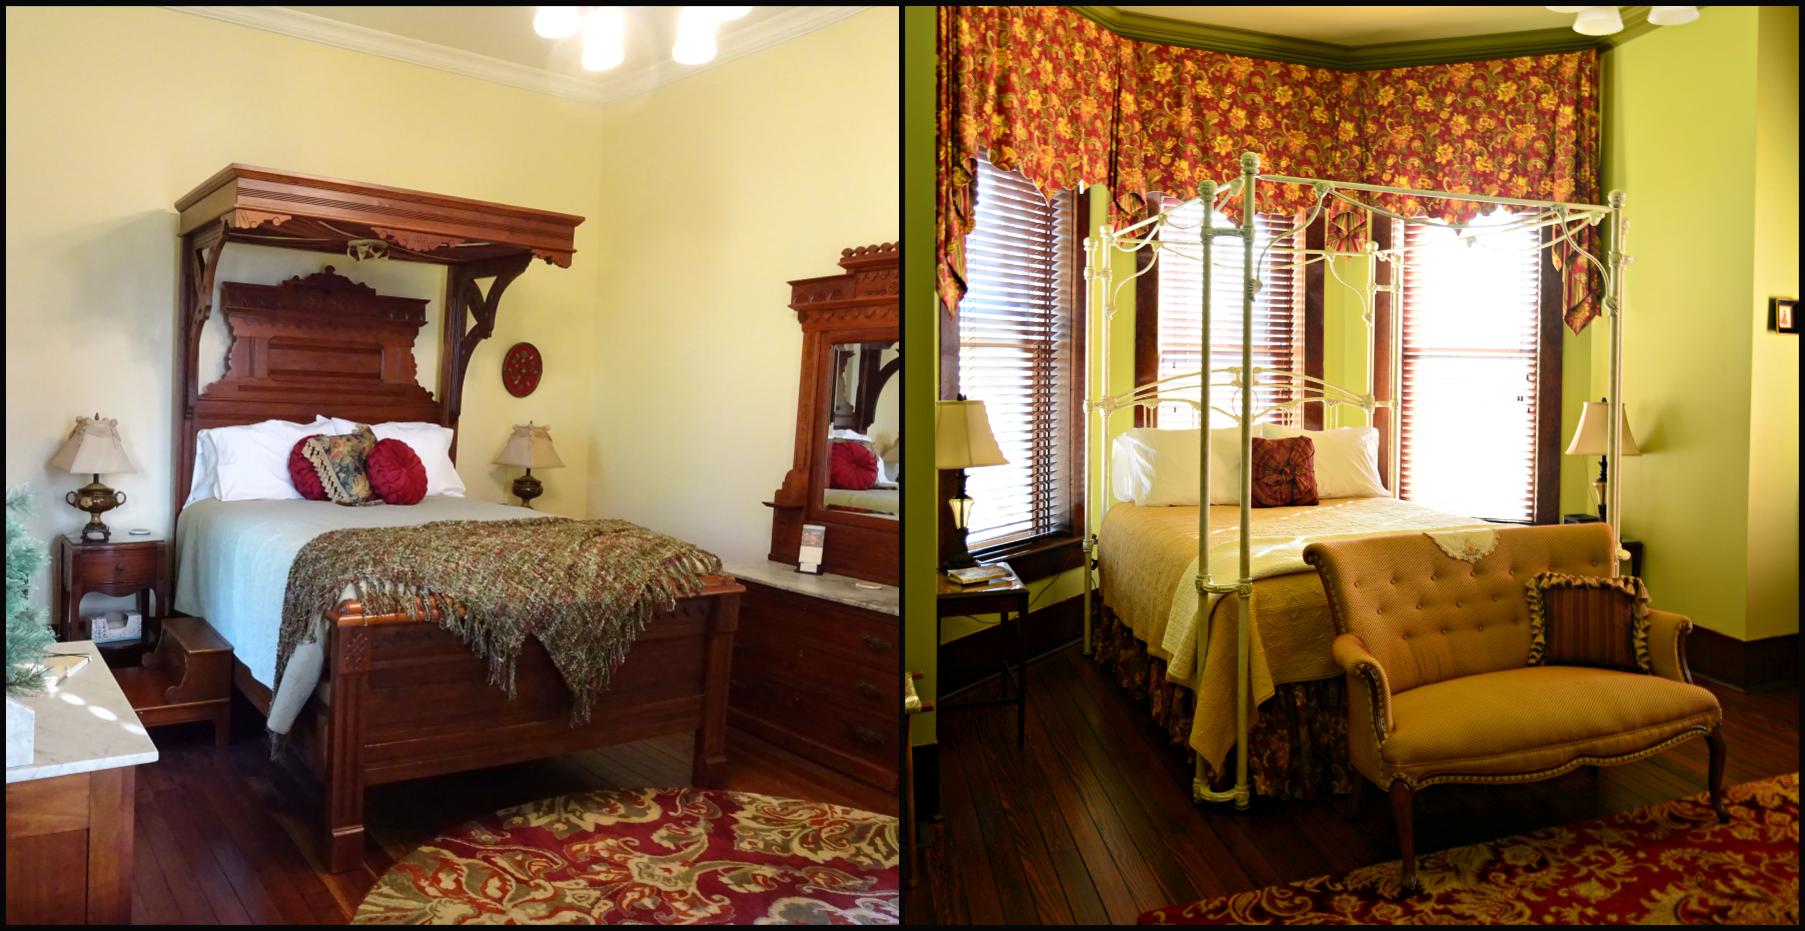 Rooms & Amenities -